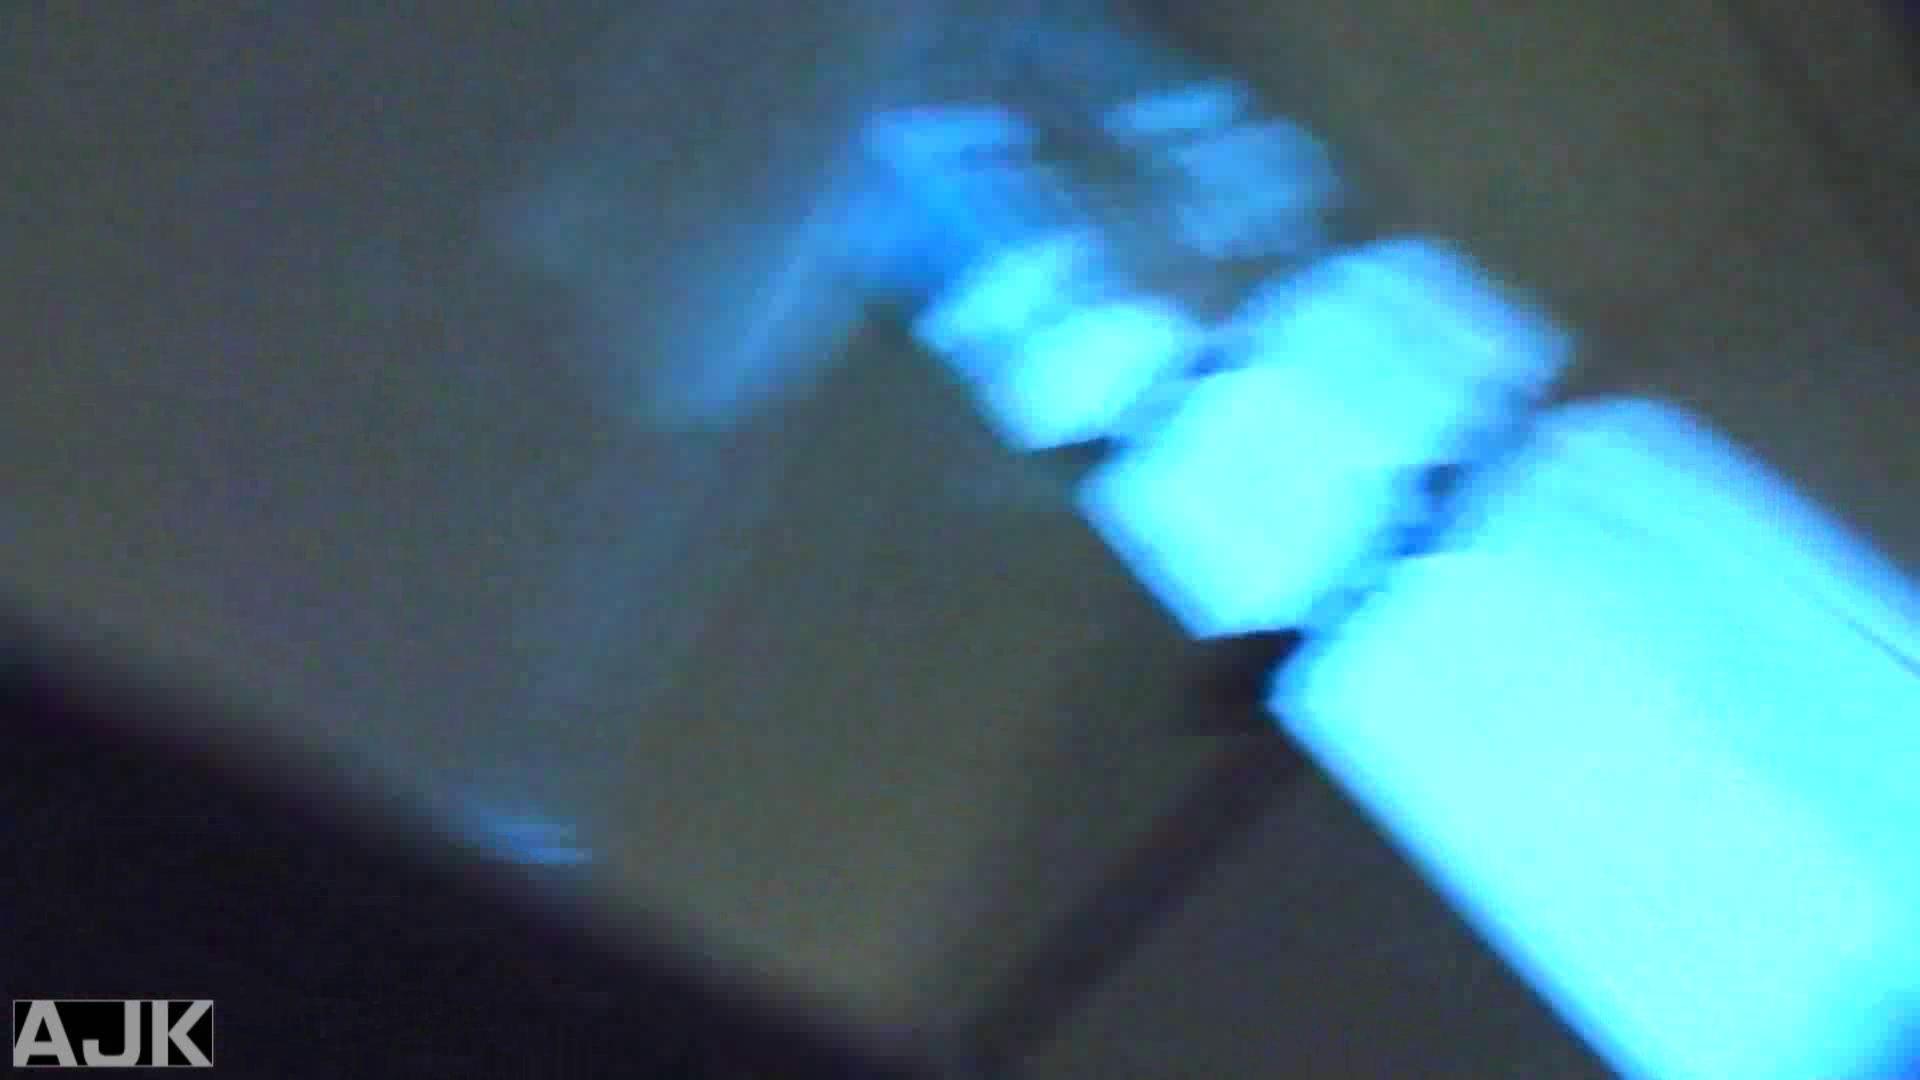 神降臨!史上最強の潜入かわや! vol.23 盗撮シリーズ 濡れ場動画紹介 75PIX 44